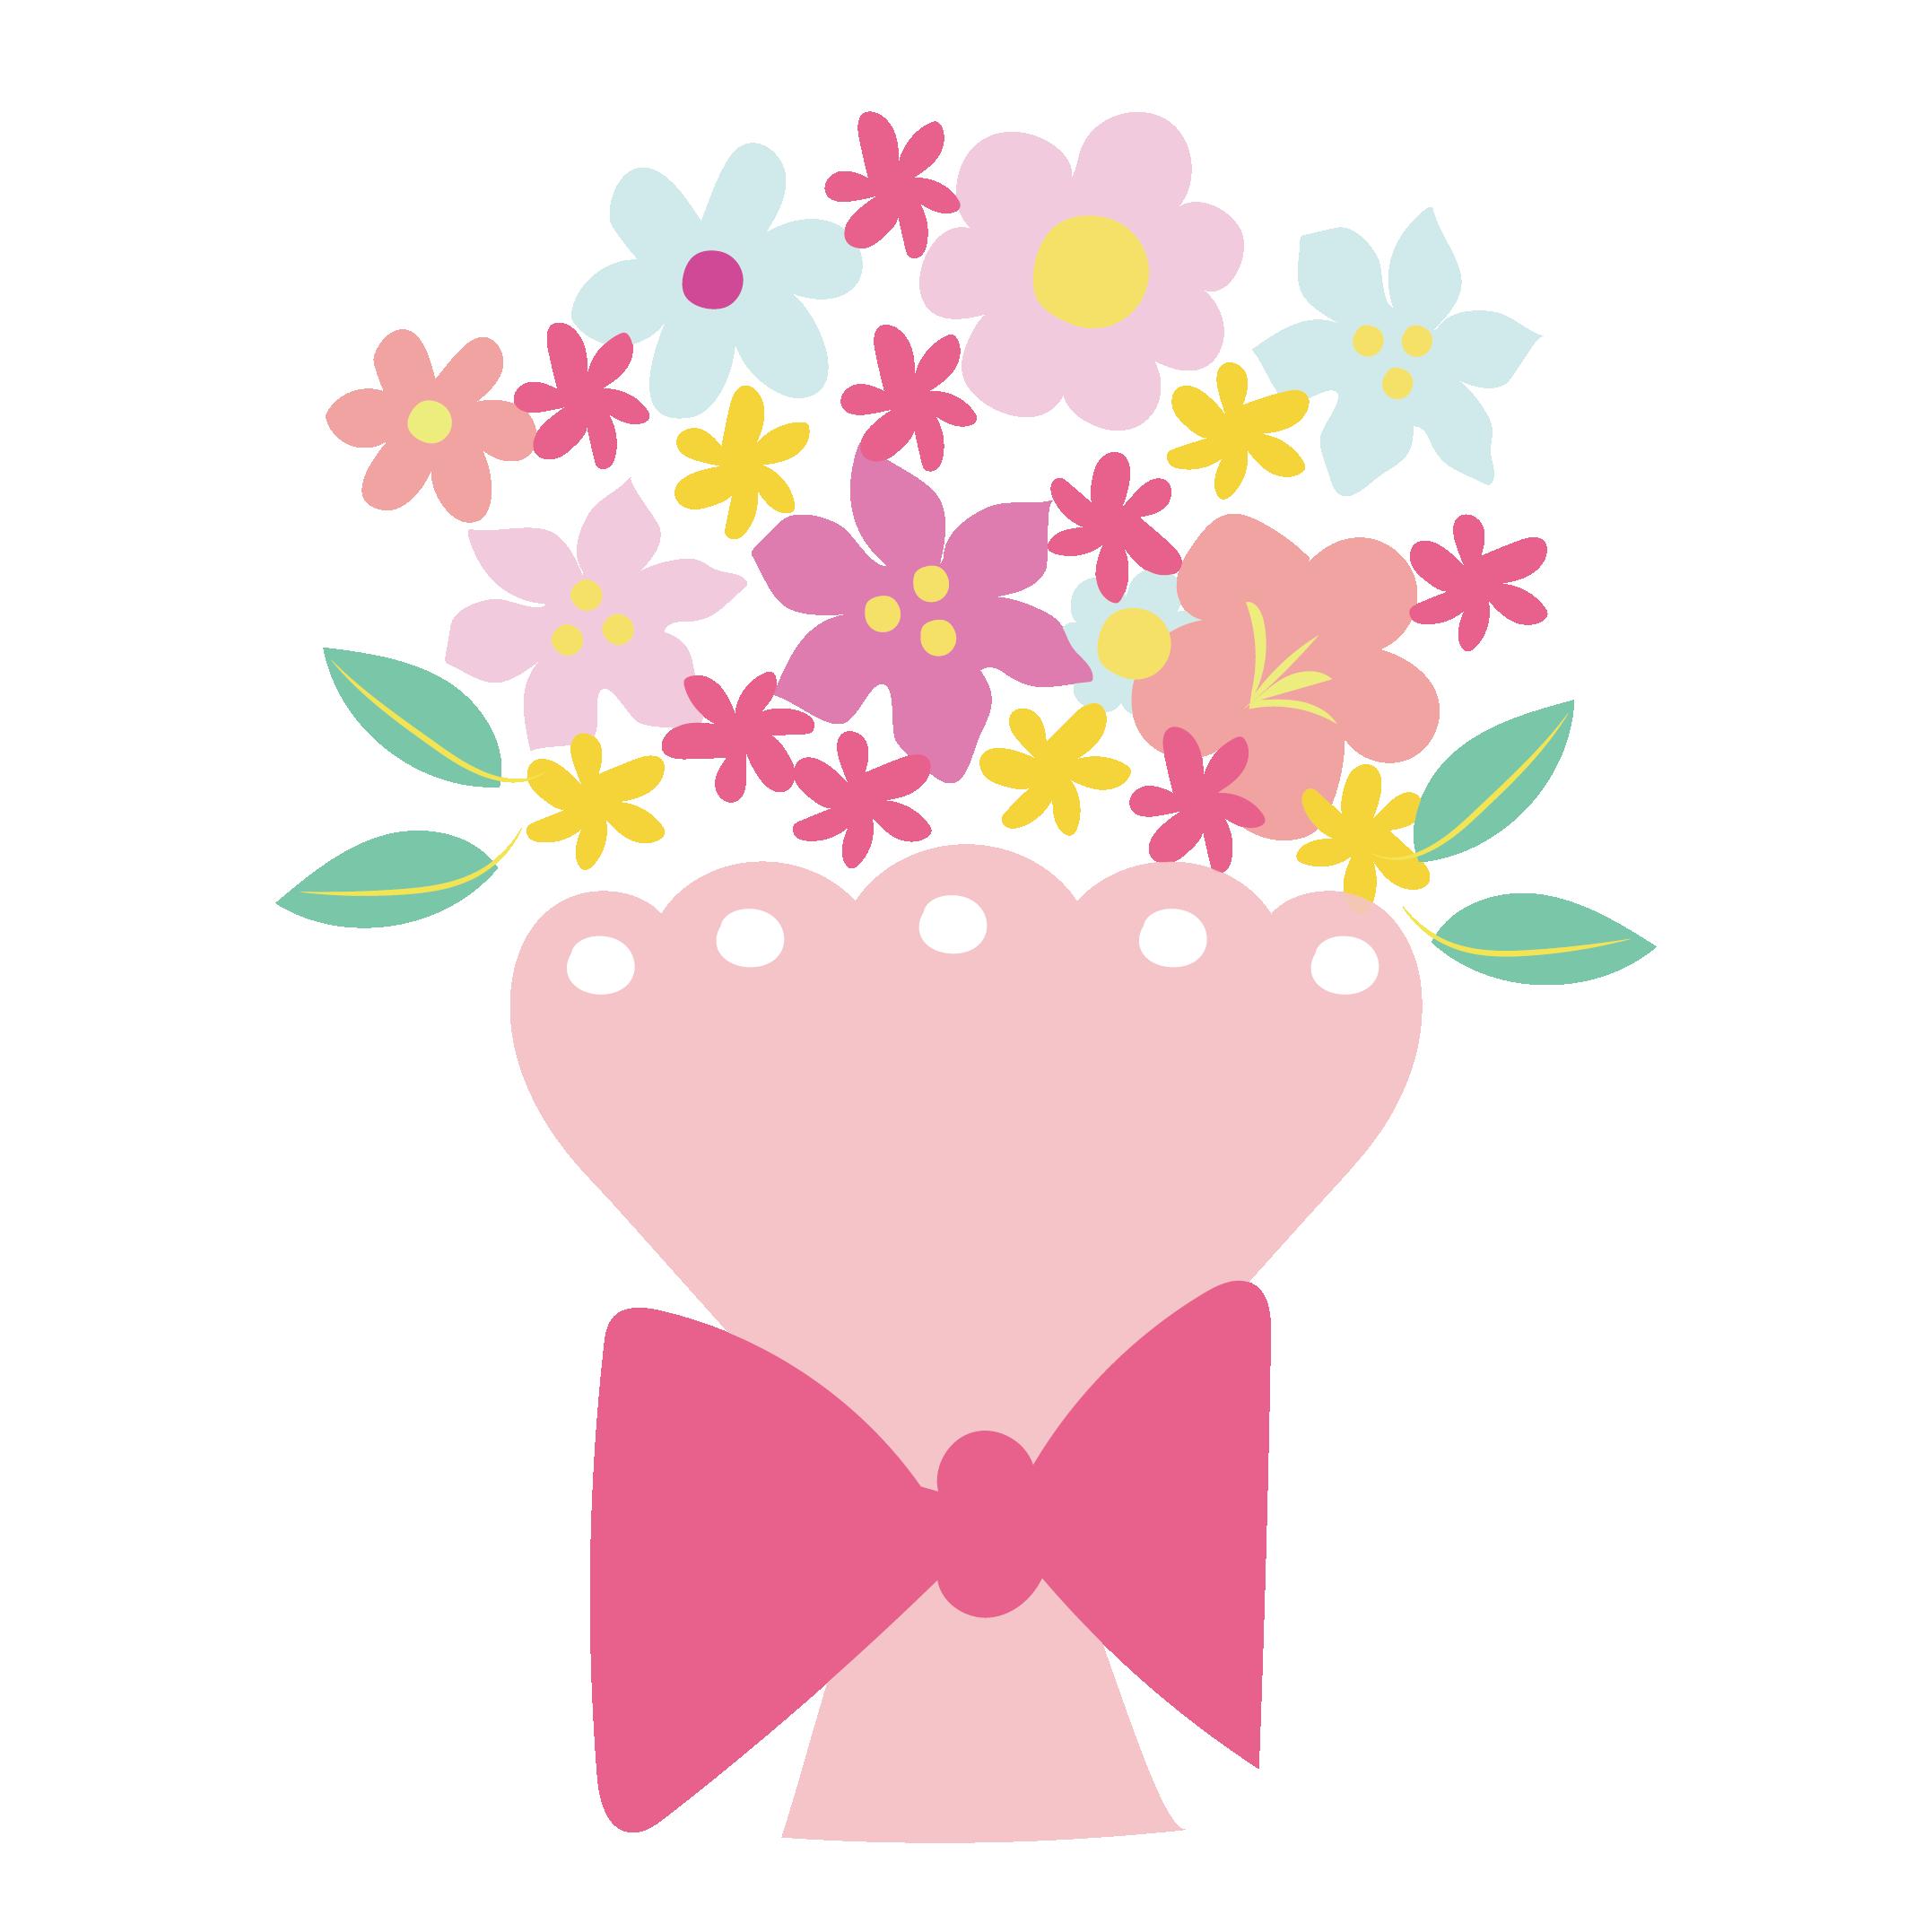 かわいい 花束 フリー イラスト 手描き風 商用フリー無料の